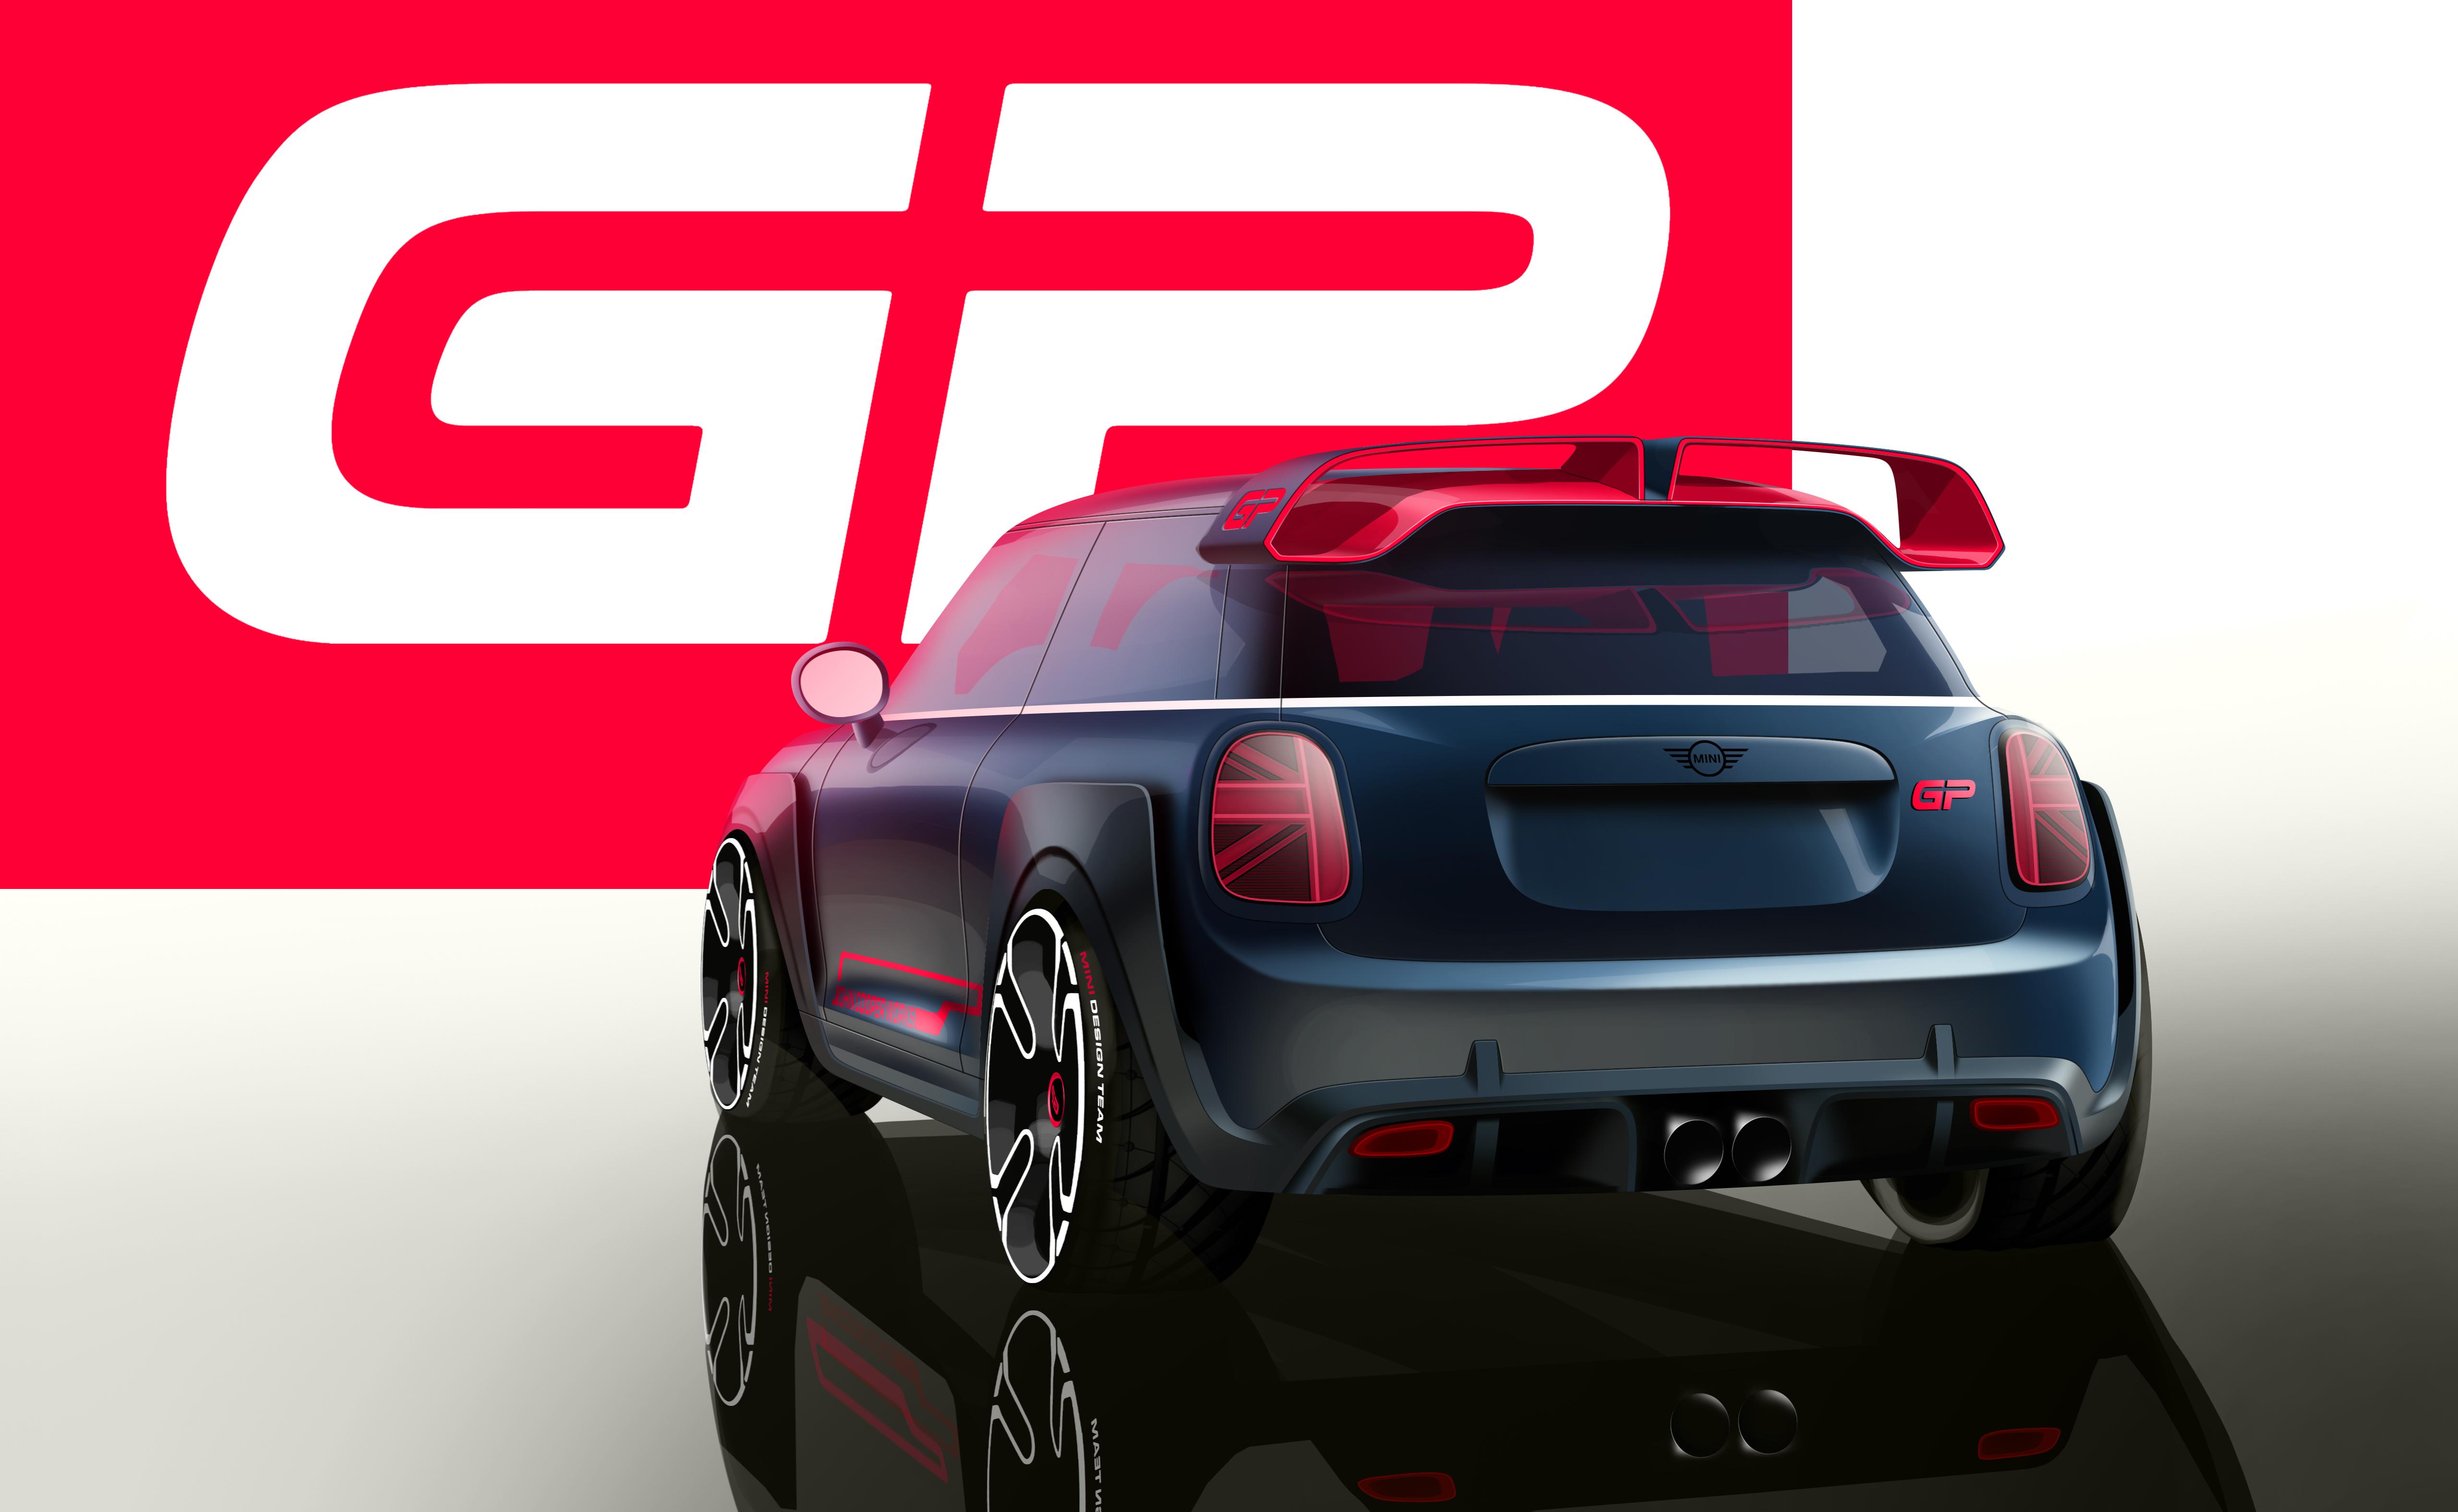 John Cooper Works GP rappresenta l'essenza da corsa della moderna MINI.Questo modello a tiratura limitata esalta al massimo le prestazioni corsaiole.